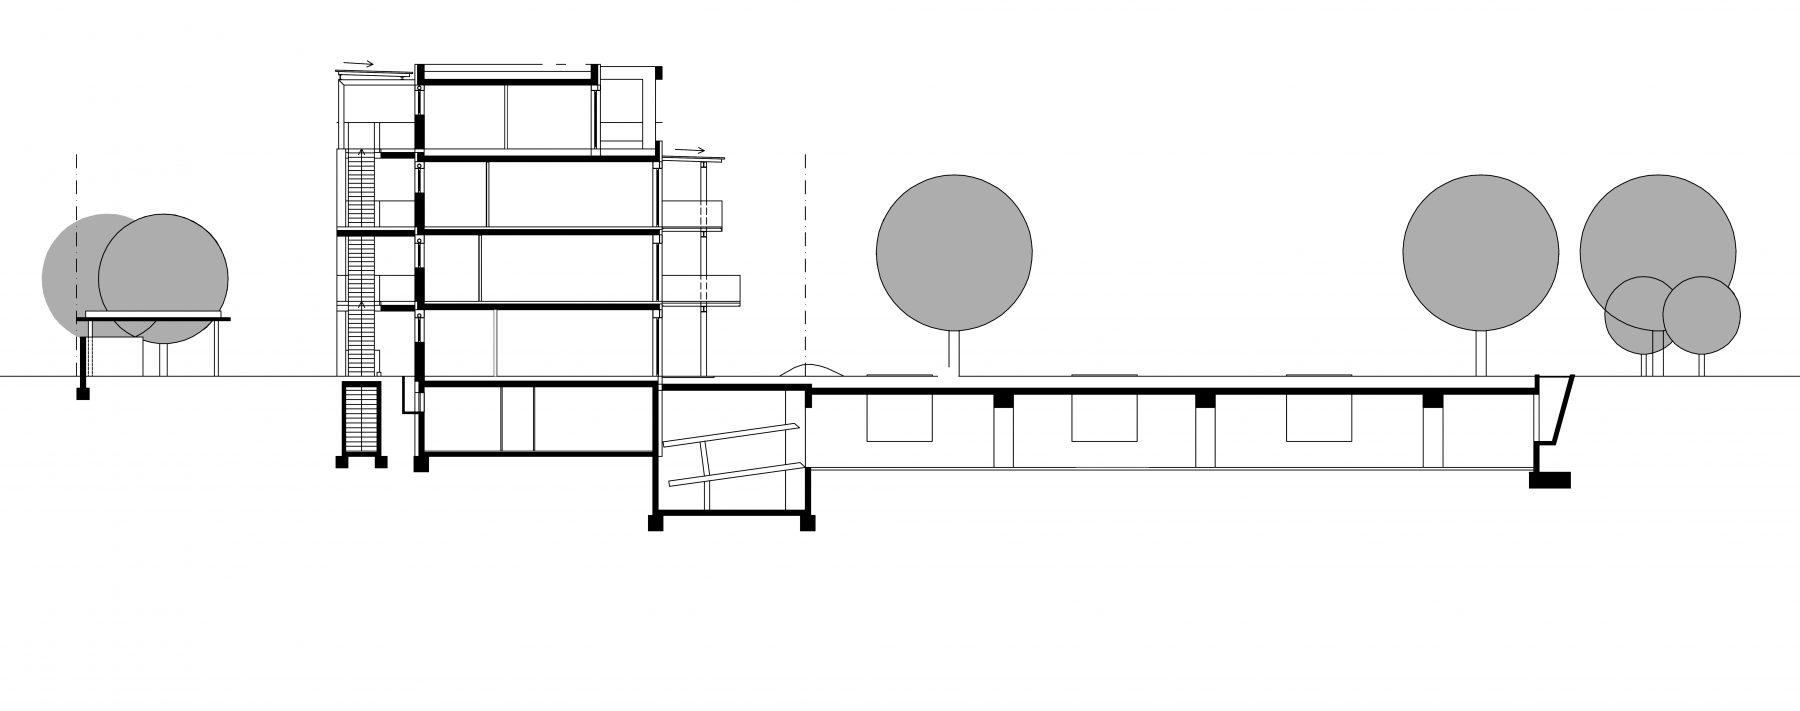 ZAG_Hofgarten-Karlsruhe_1-200-Schnitt_Grünenwald + Heyl . Architekten